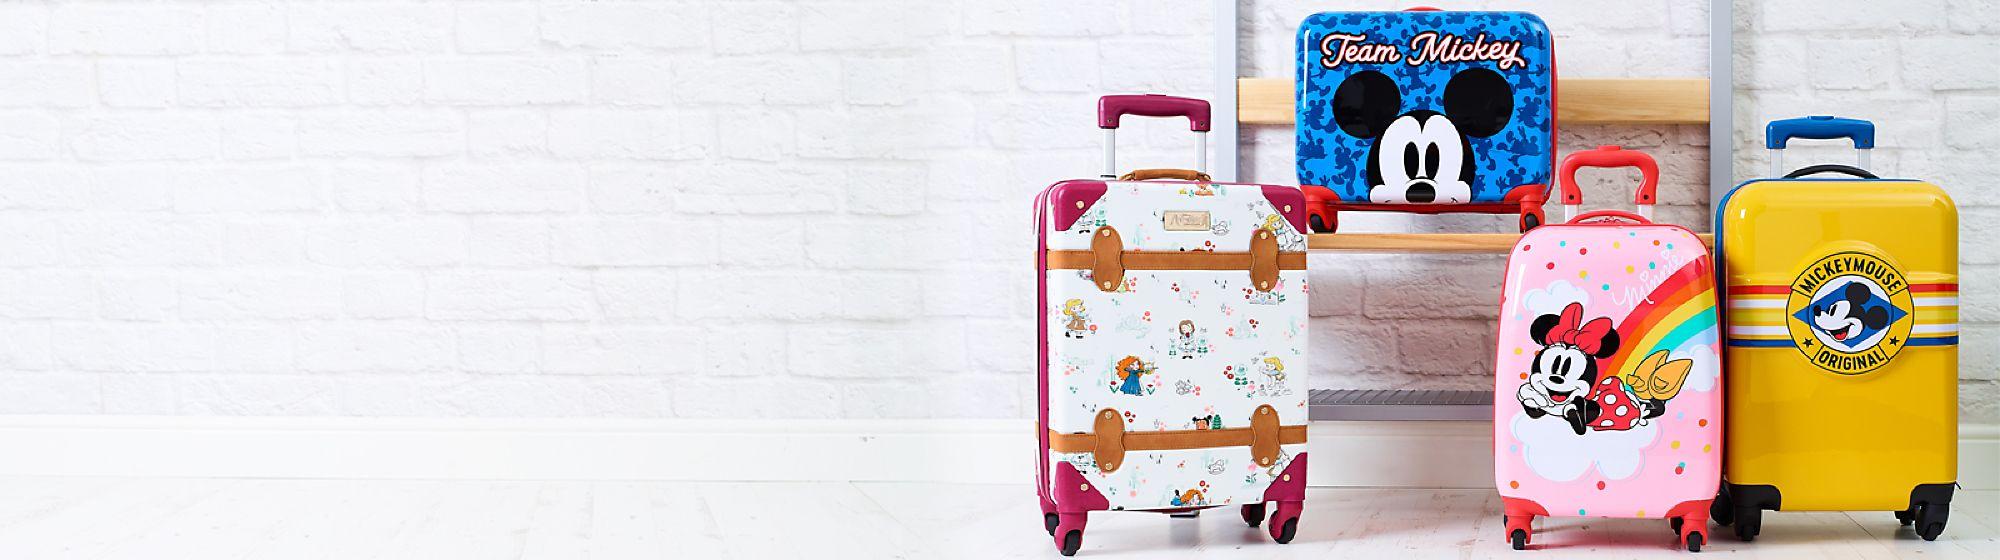 Maletas de viaje Viaja a cualquier lugar con nuestras maletas de viaje de tus personajes favoritos. Elige la que más se acomode a tus necesidades.